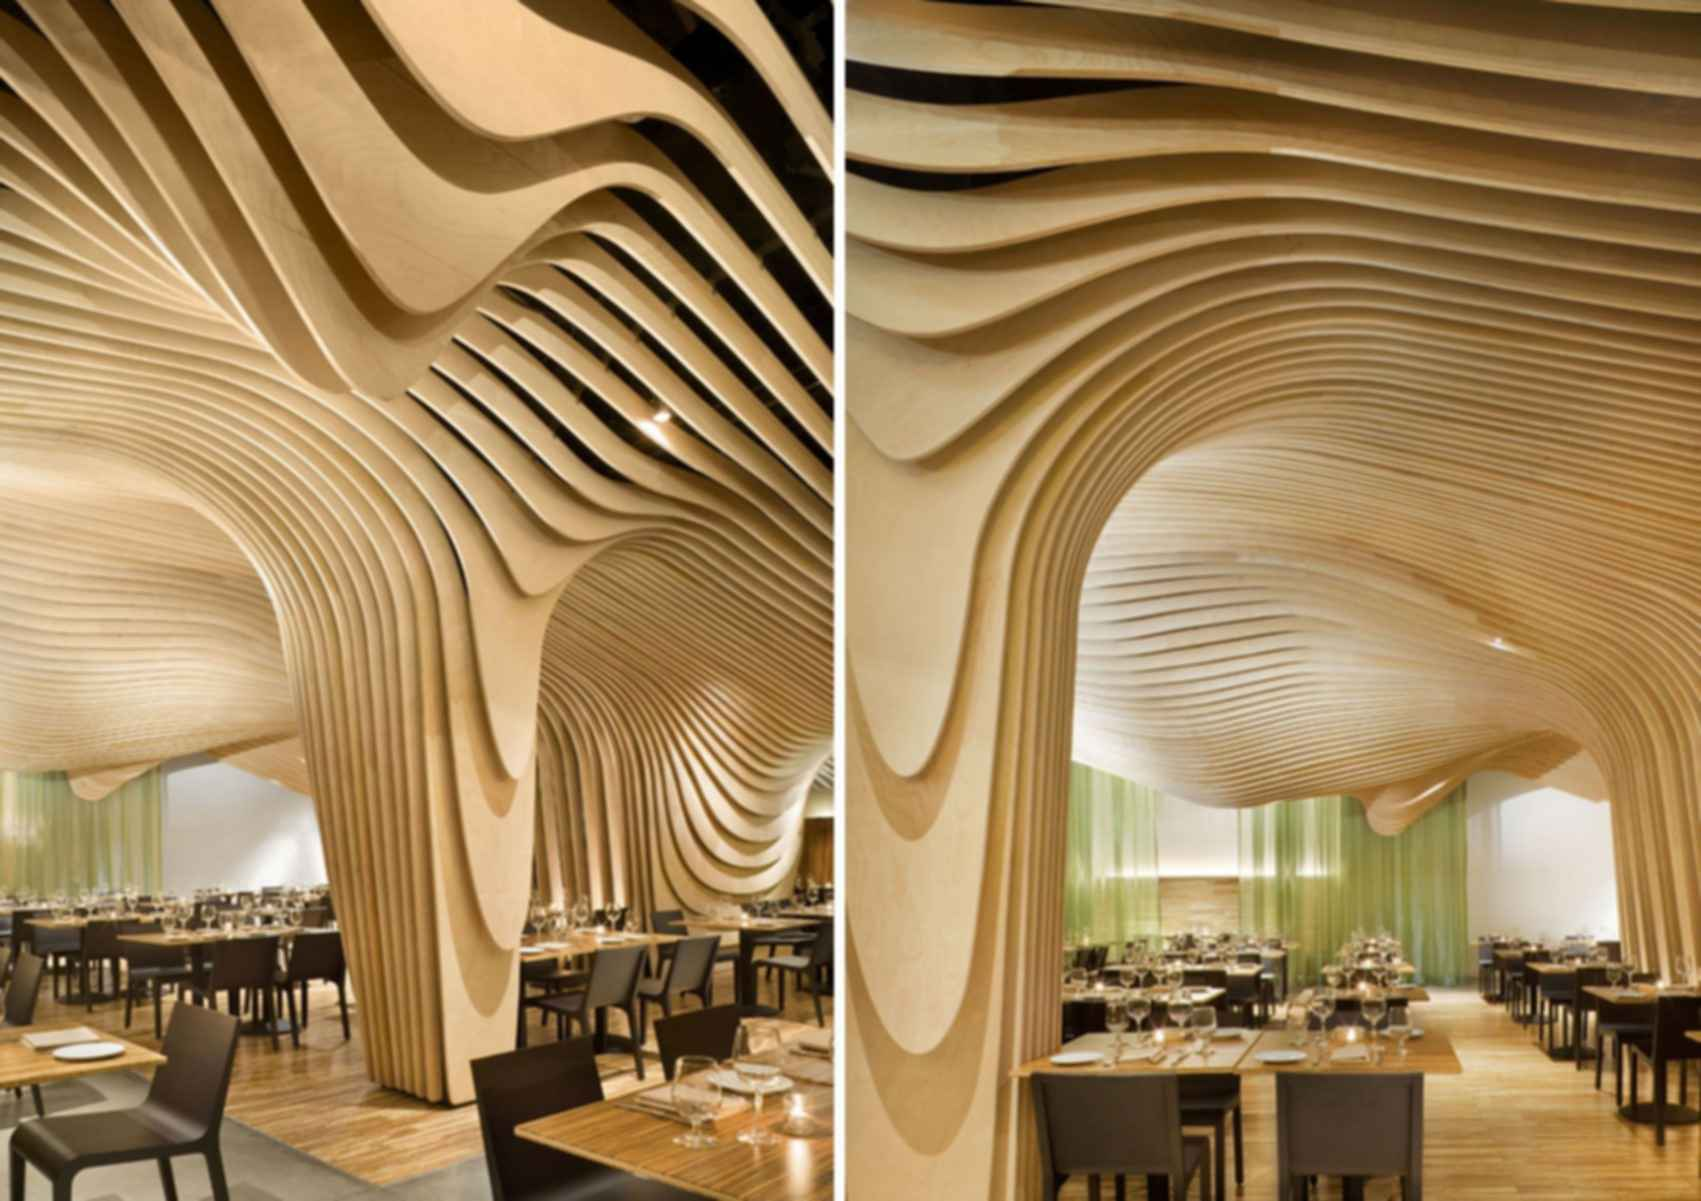 BanQ Restaurant - Interior/Dining Area